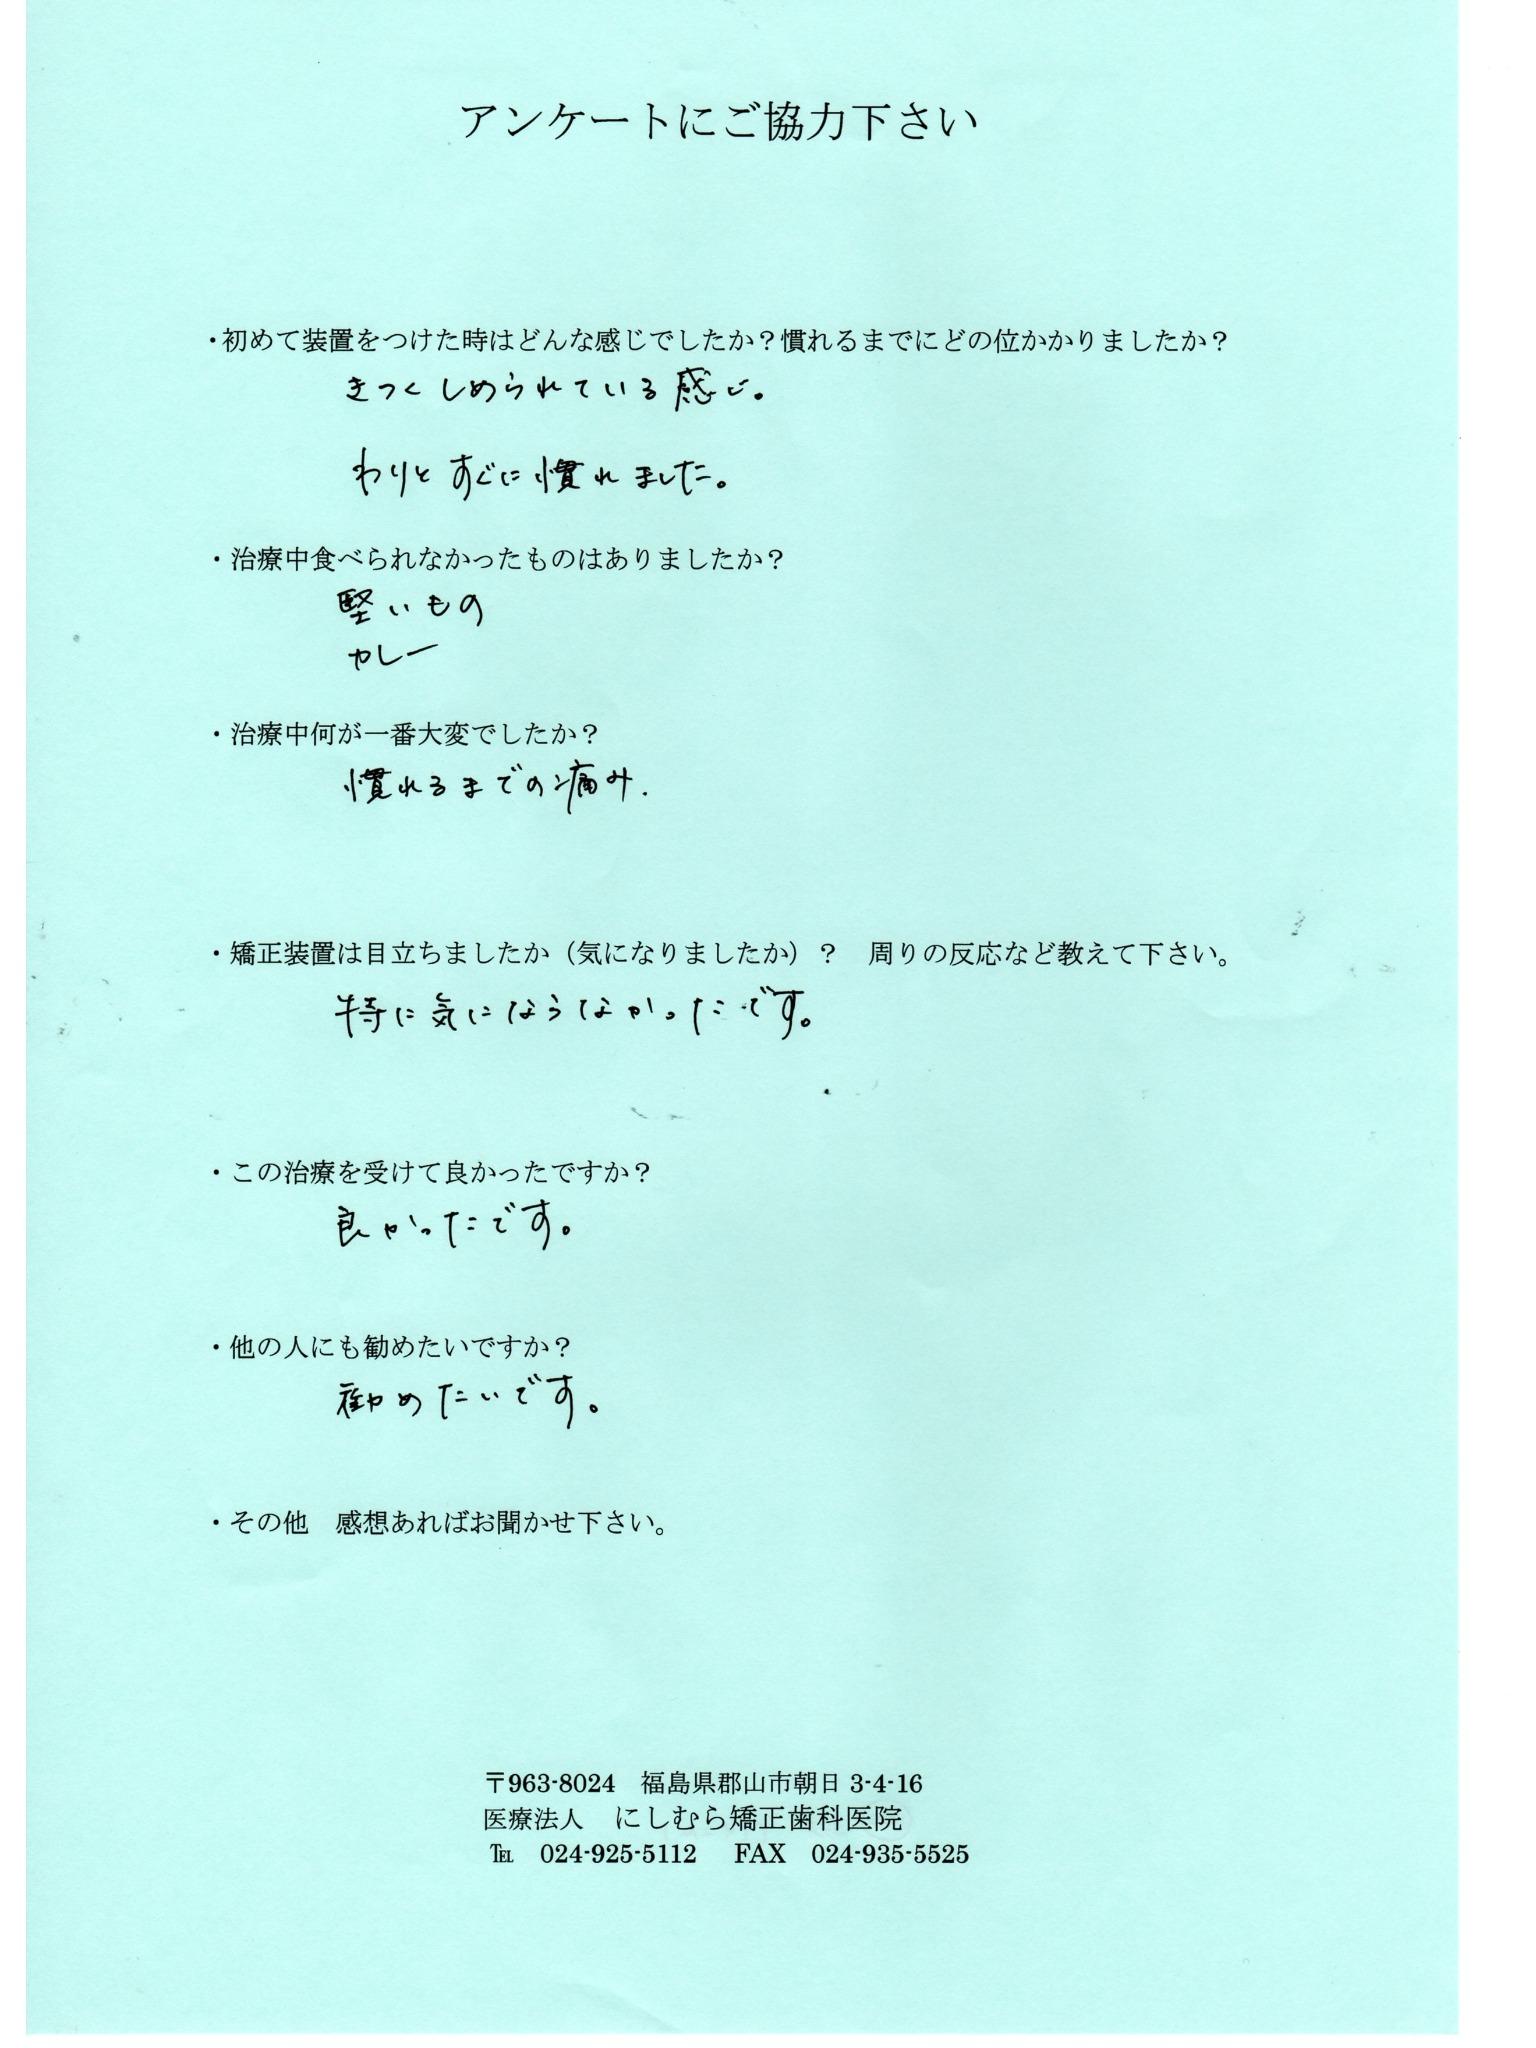 20代 患者様アンケート46